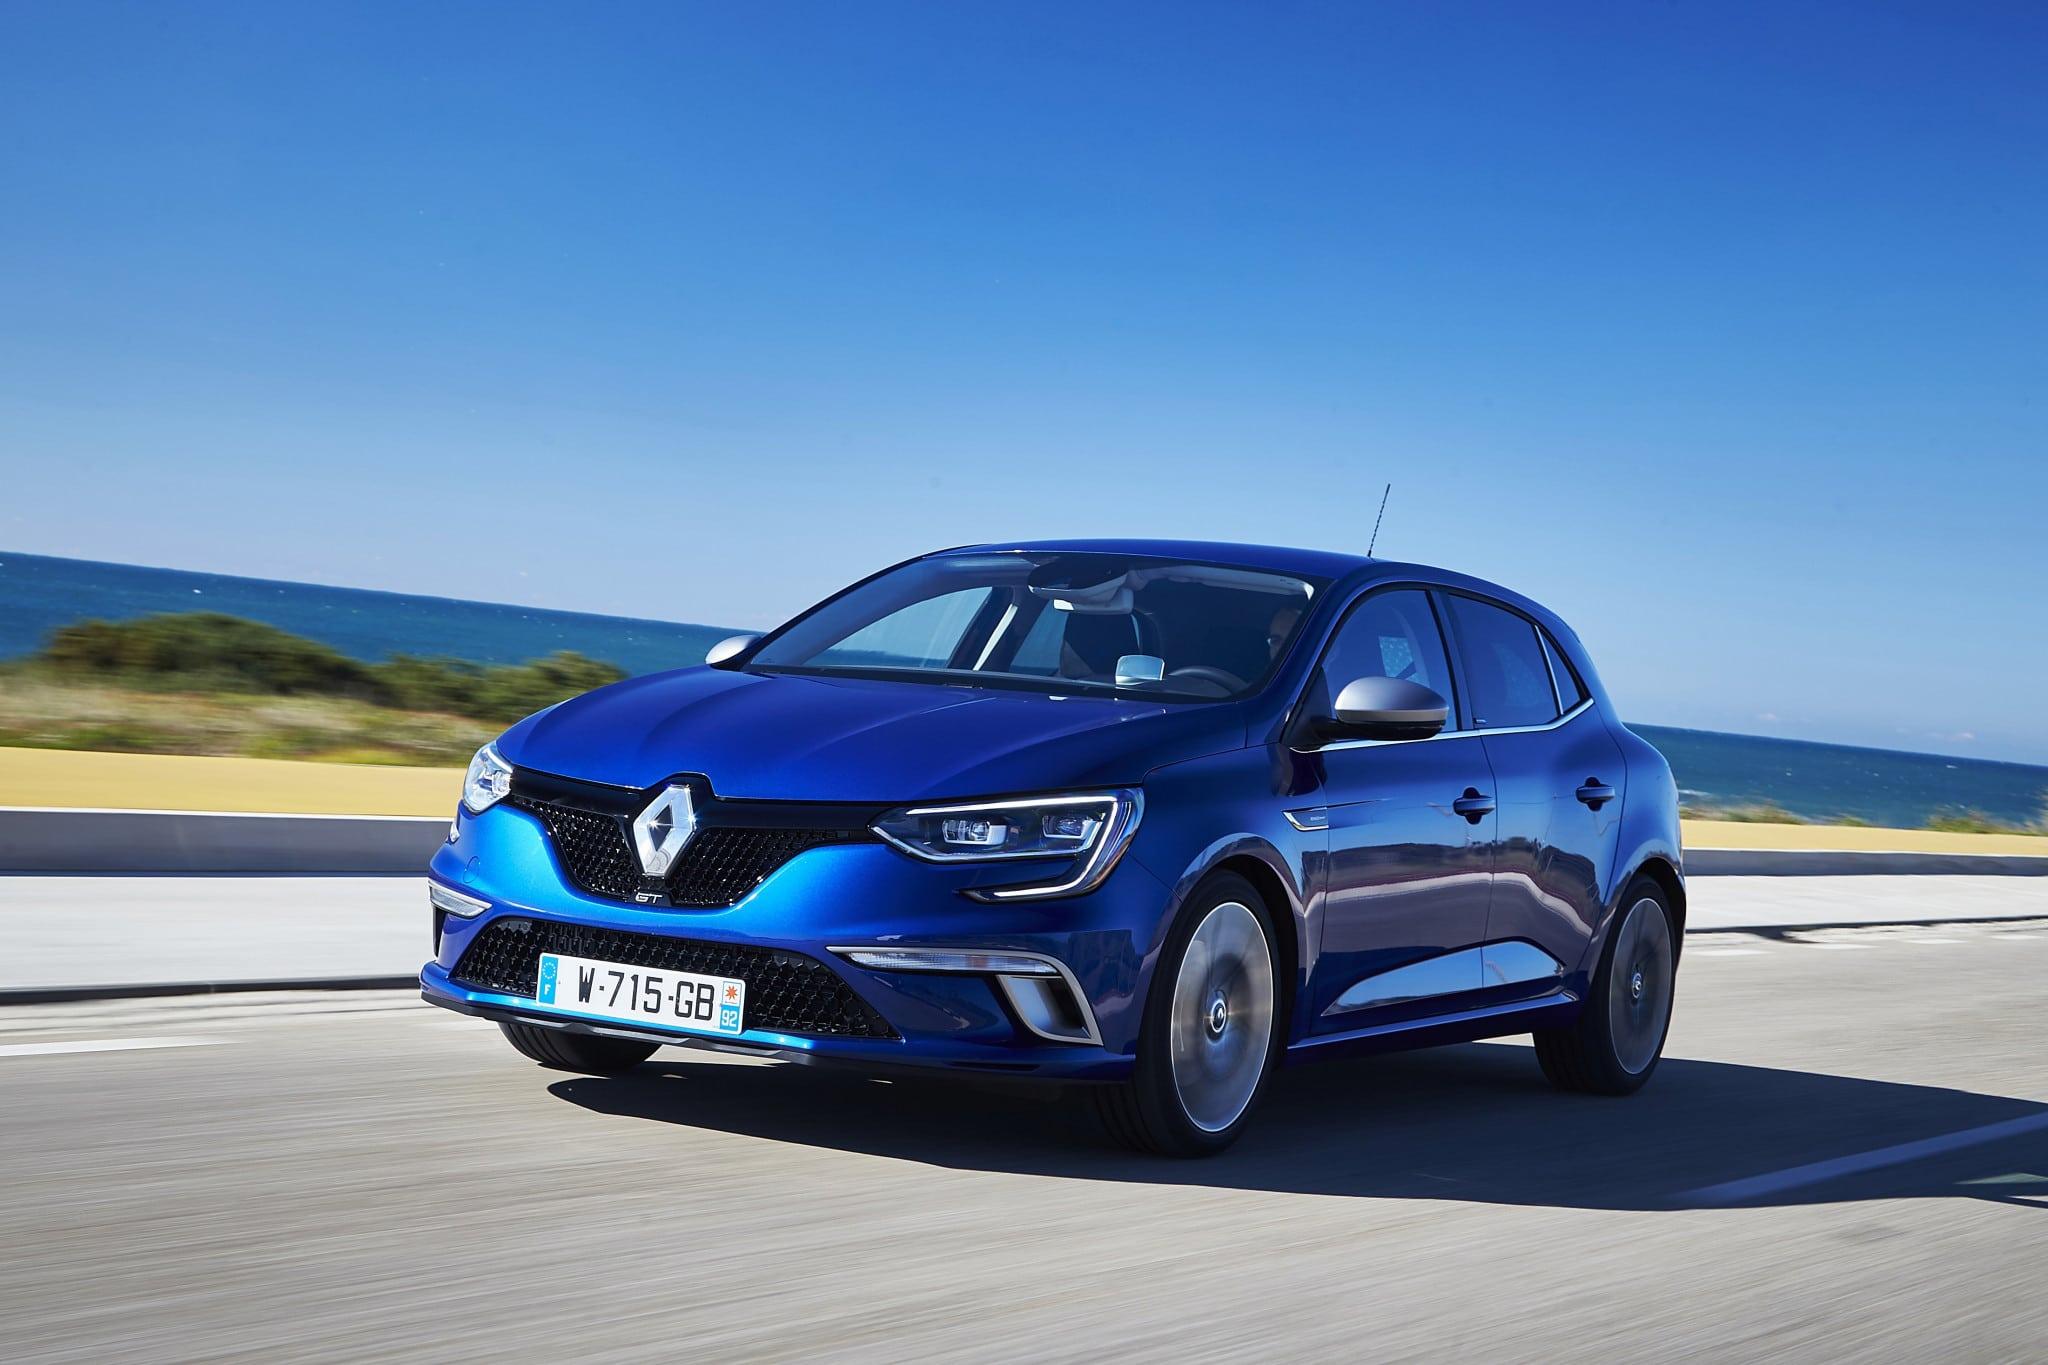 Renault Megane GT: 4 roues directrices pour une compacte tentatrice